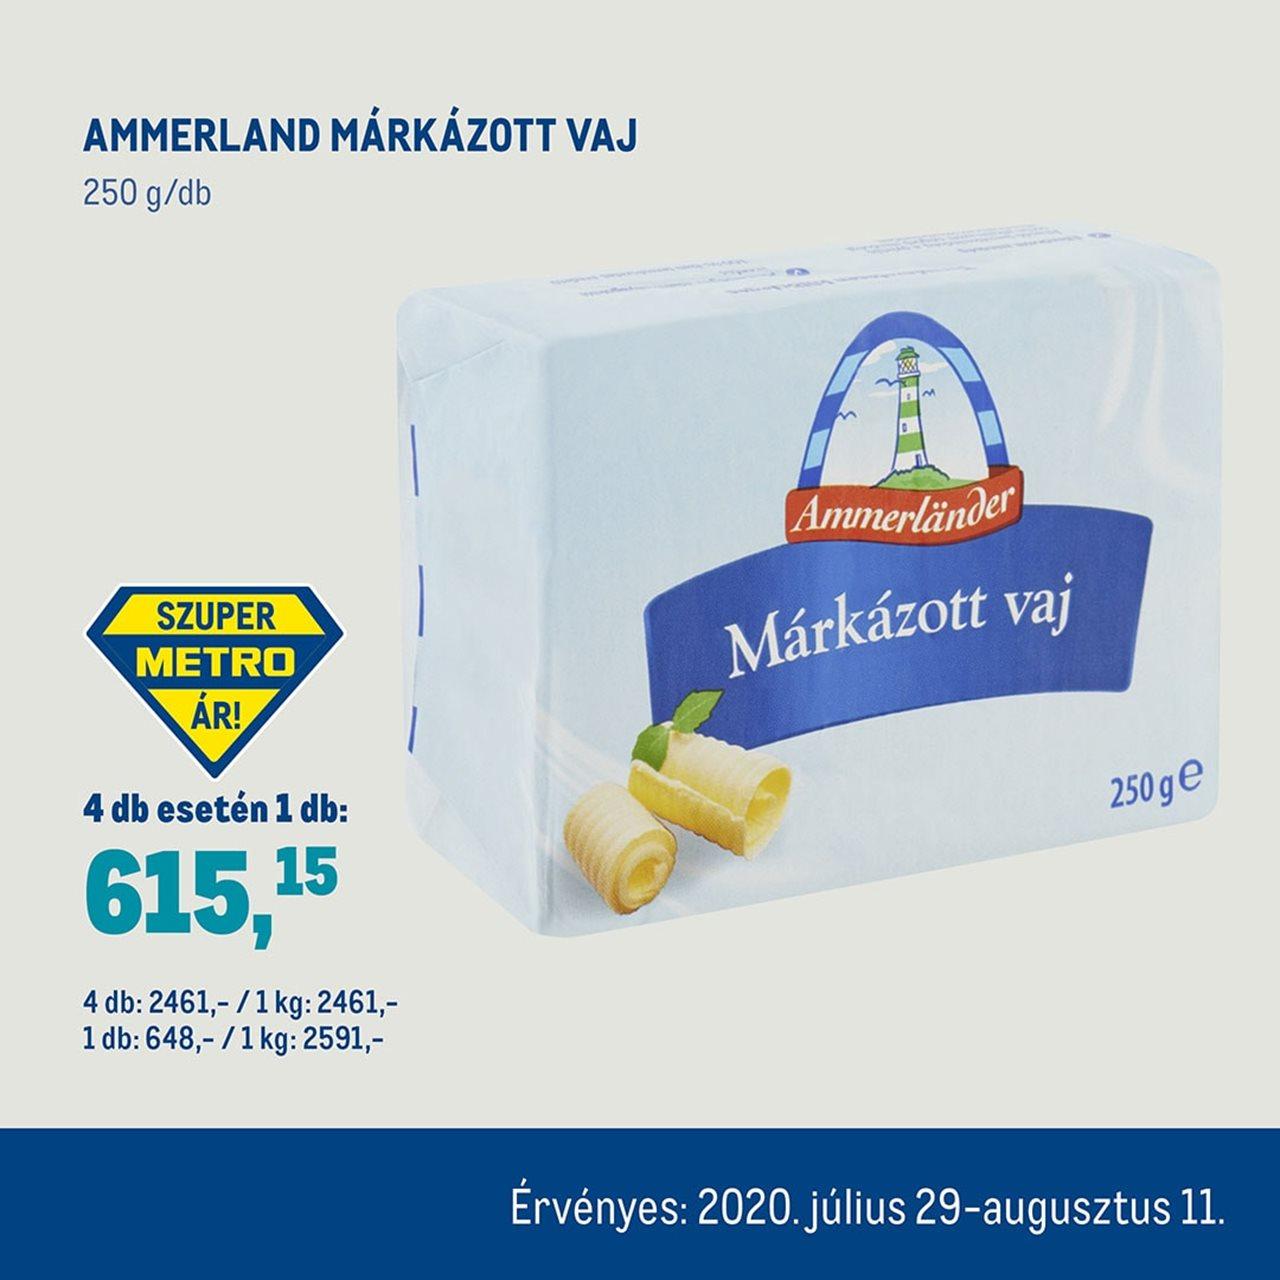 Ammerland márkázott vaj